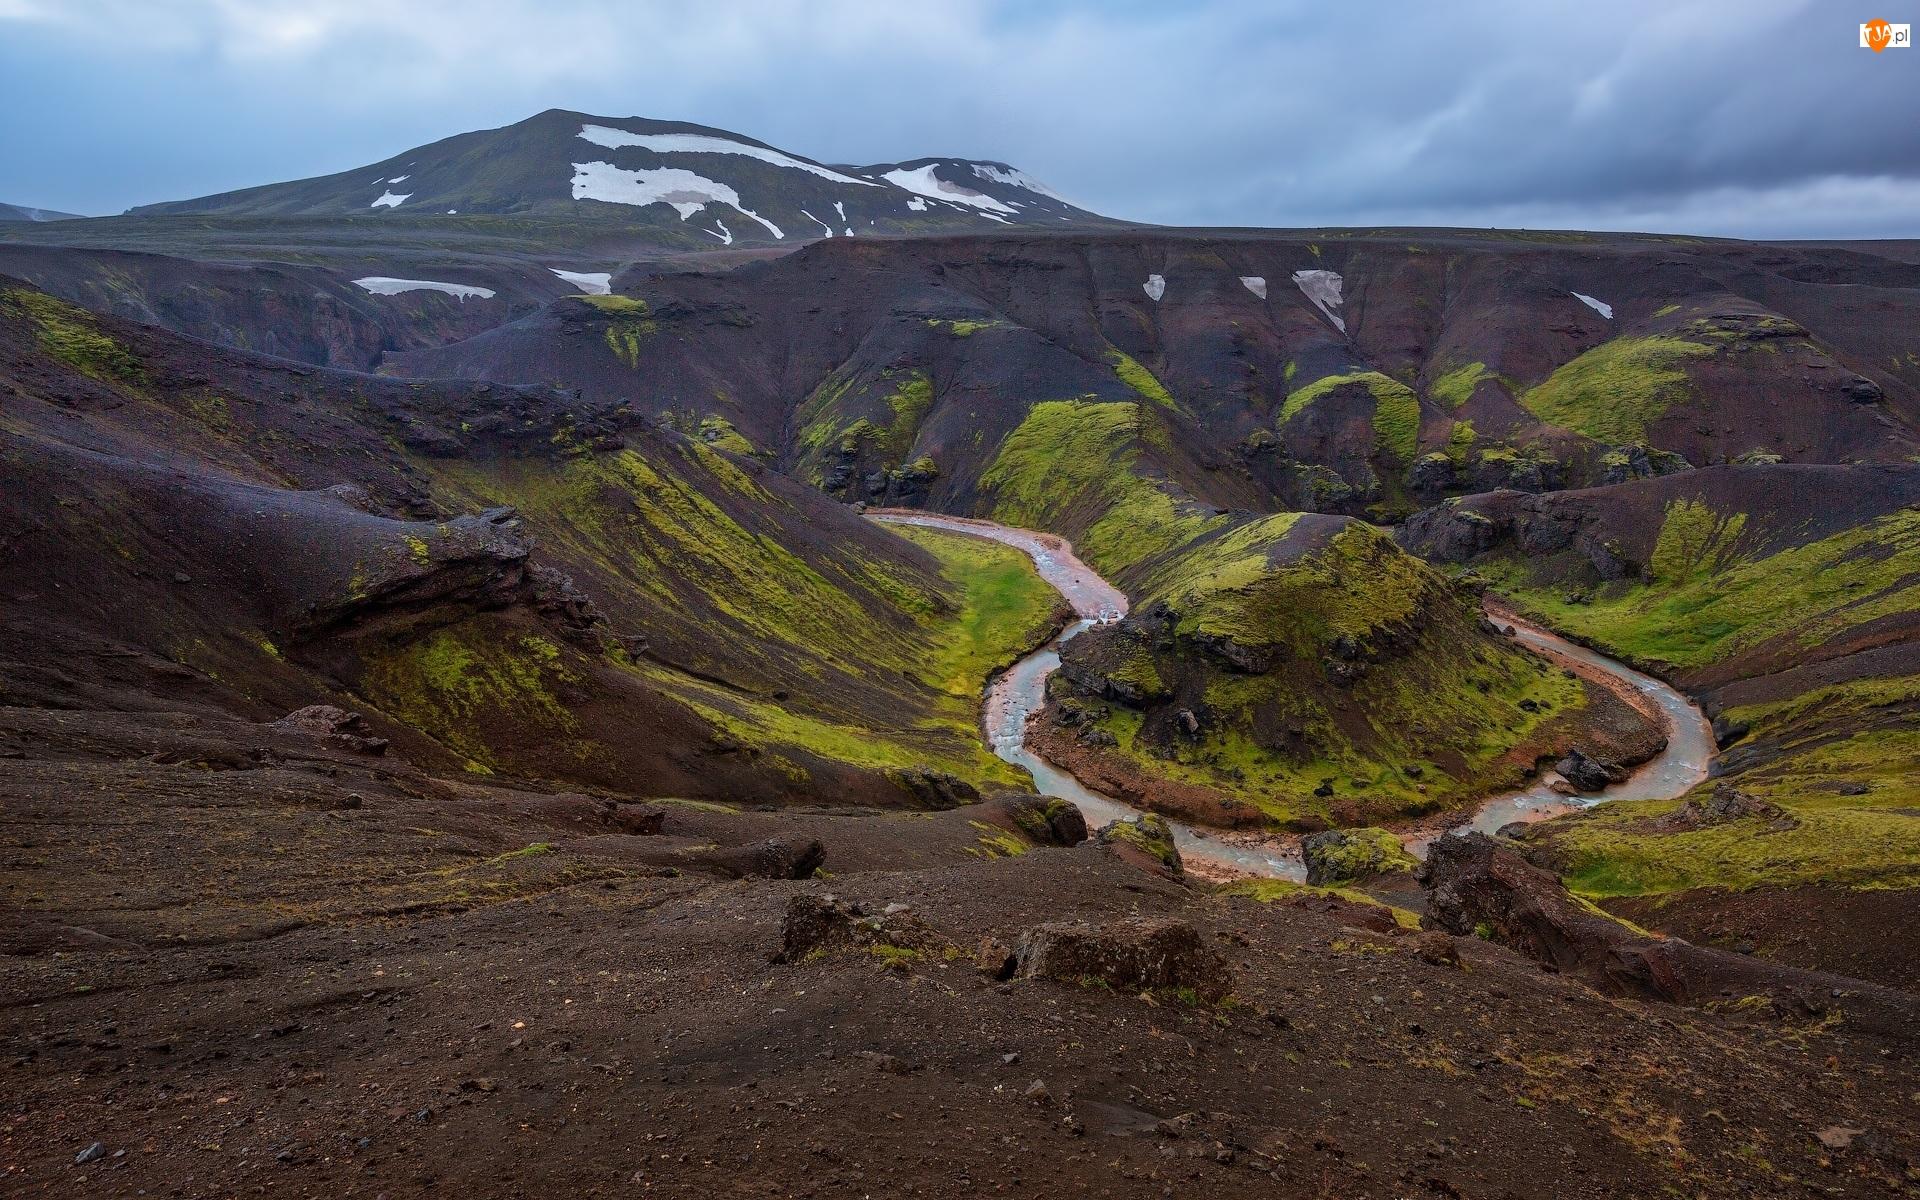 Masyw wulkaniczny, Kerlingarfjoll, Islandia, Góry, Zakole, Rzeka, Skały